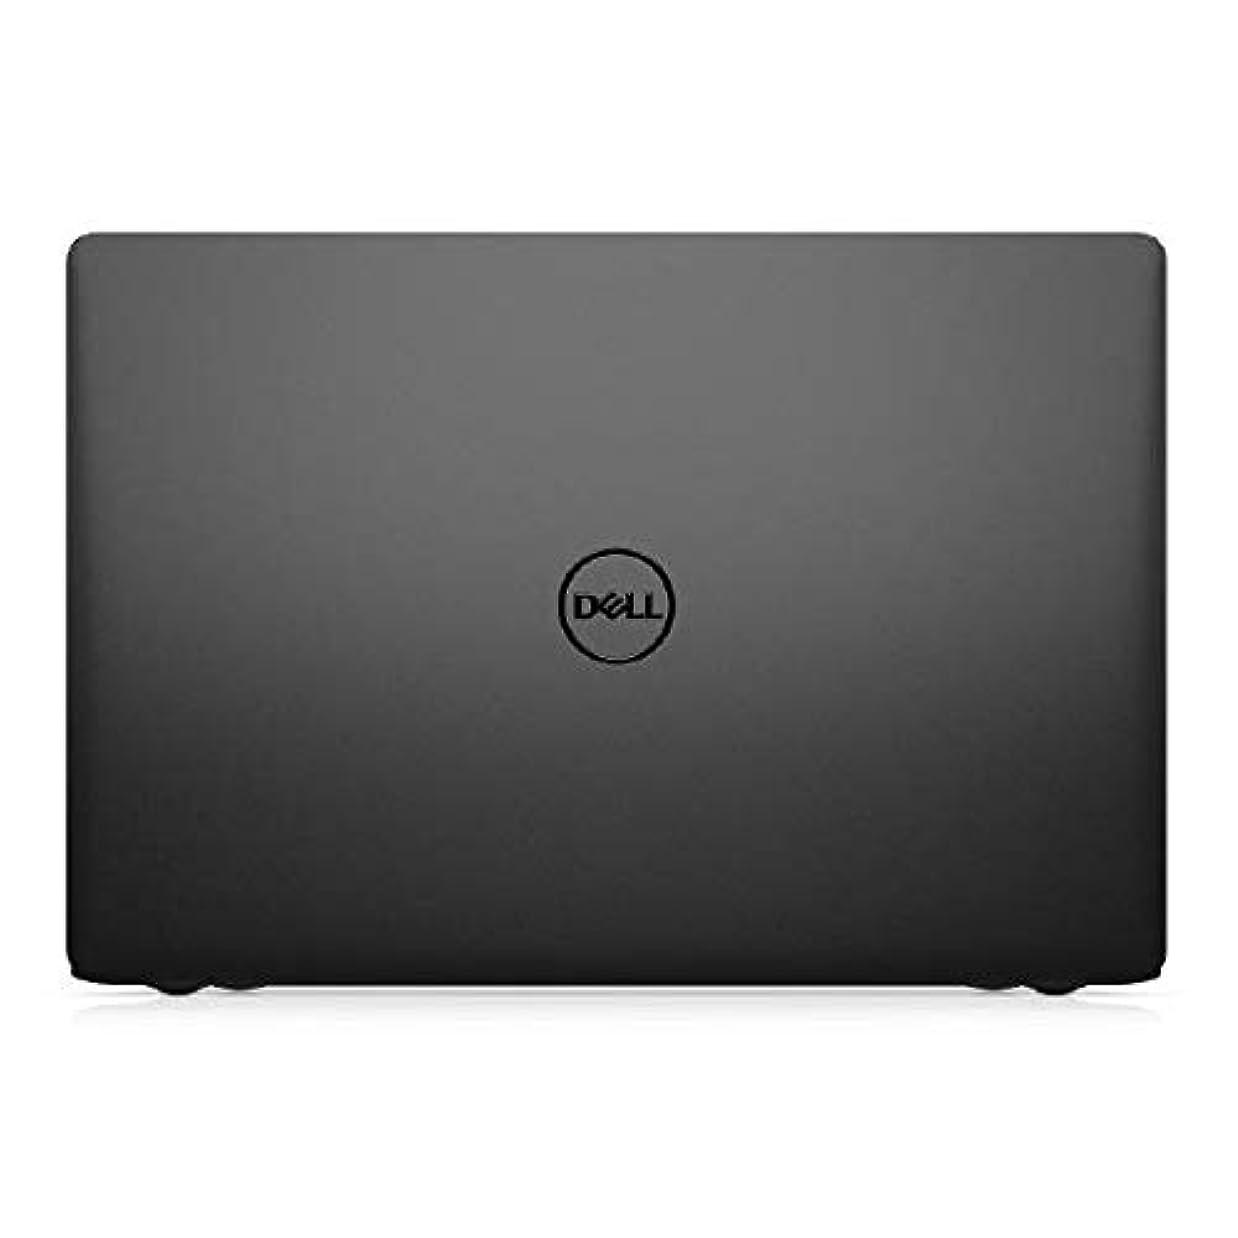 まさに白内障一時的デル ノートパソコン Inspiron 15 5000 ブラック NI65-8HHBB